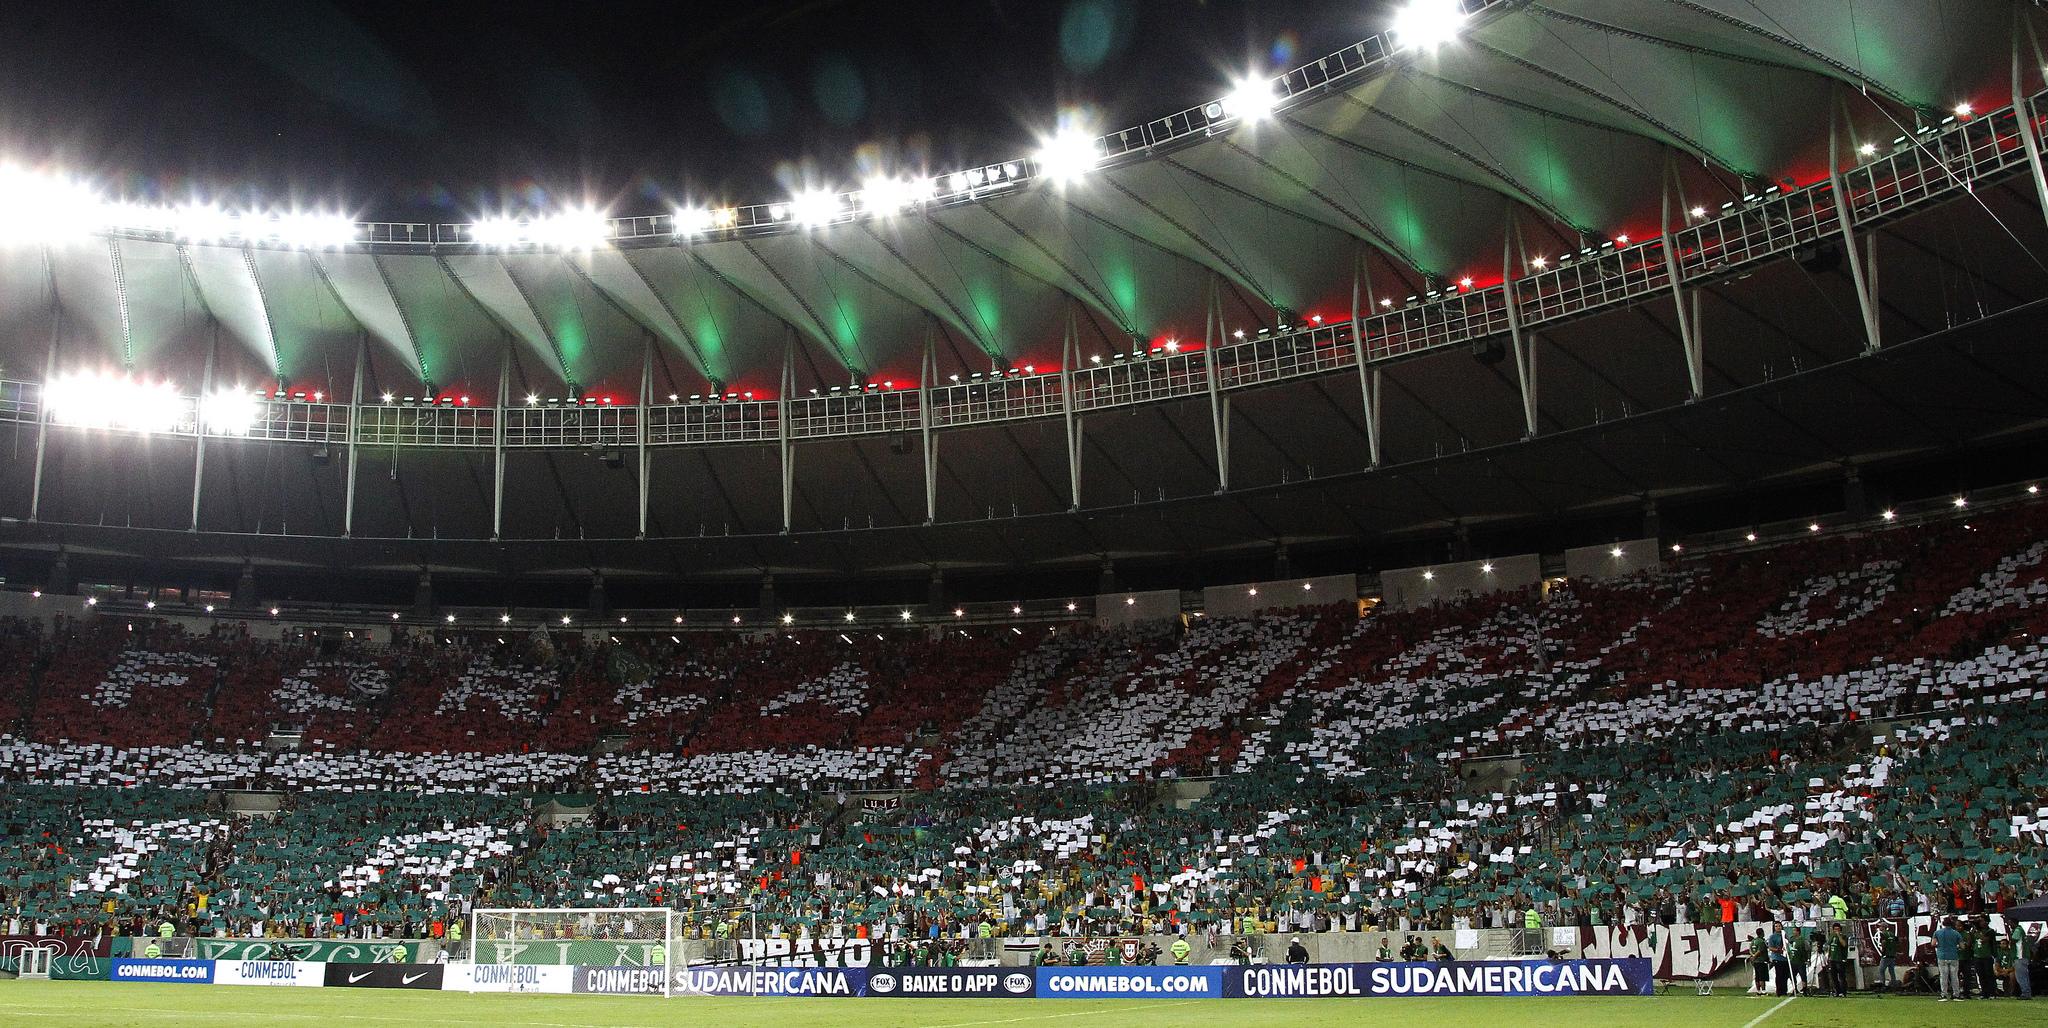 Zagueiros resolvem, Fluminense bate o Goiás e avança na Copa do Brasil